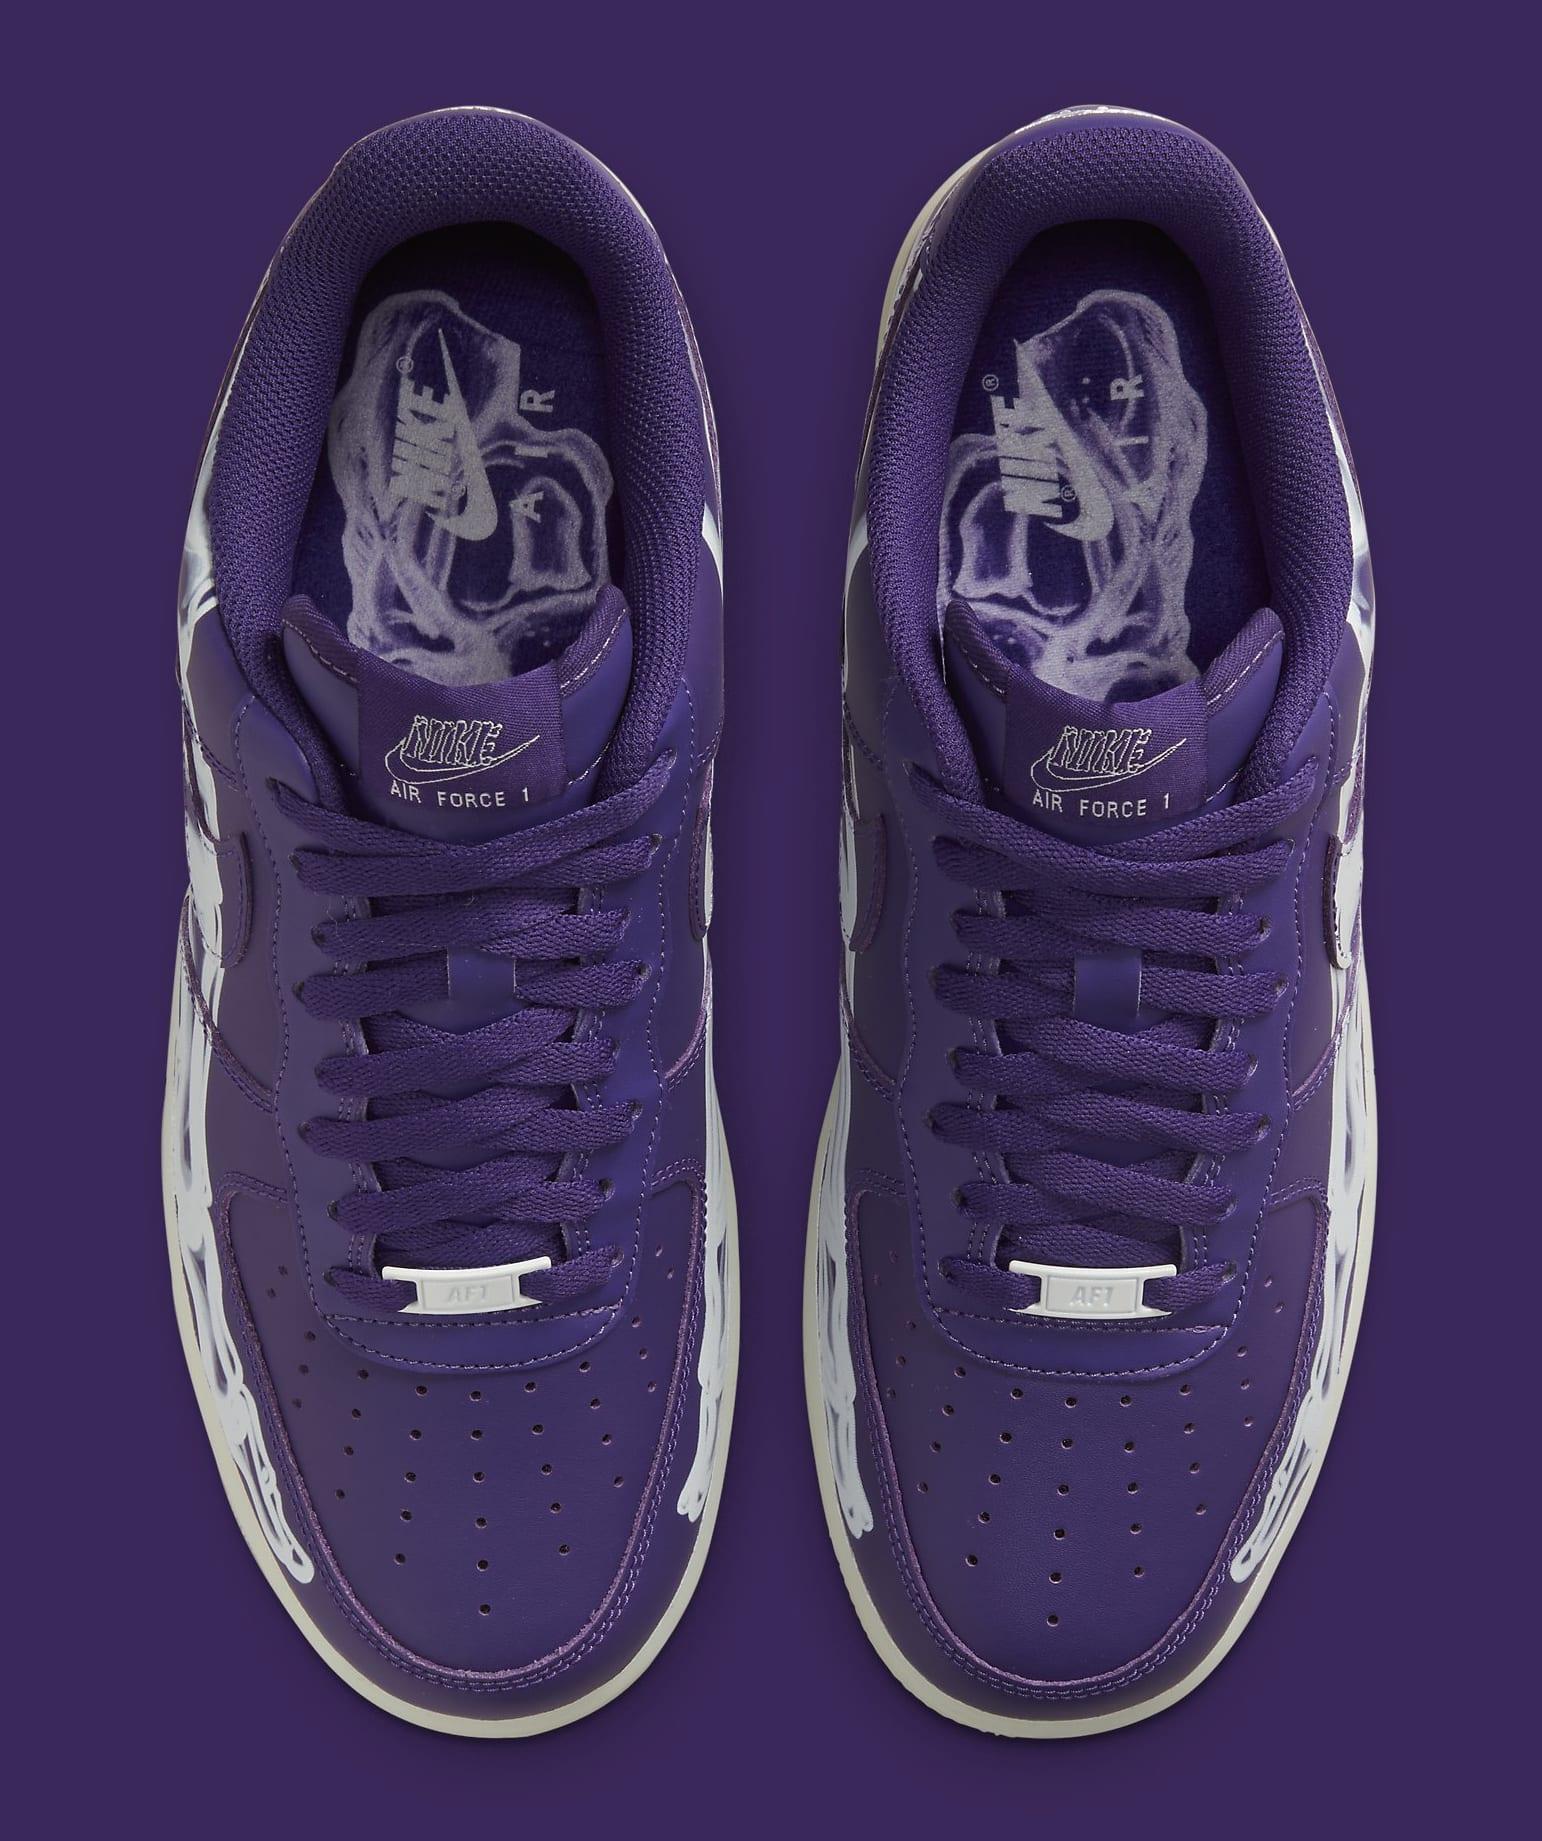 Nike Air Force 1 Low 'Purple Skeleton' CU8067-500 Top